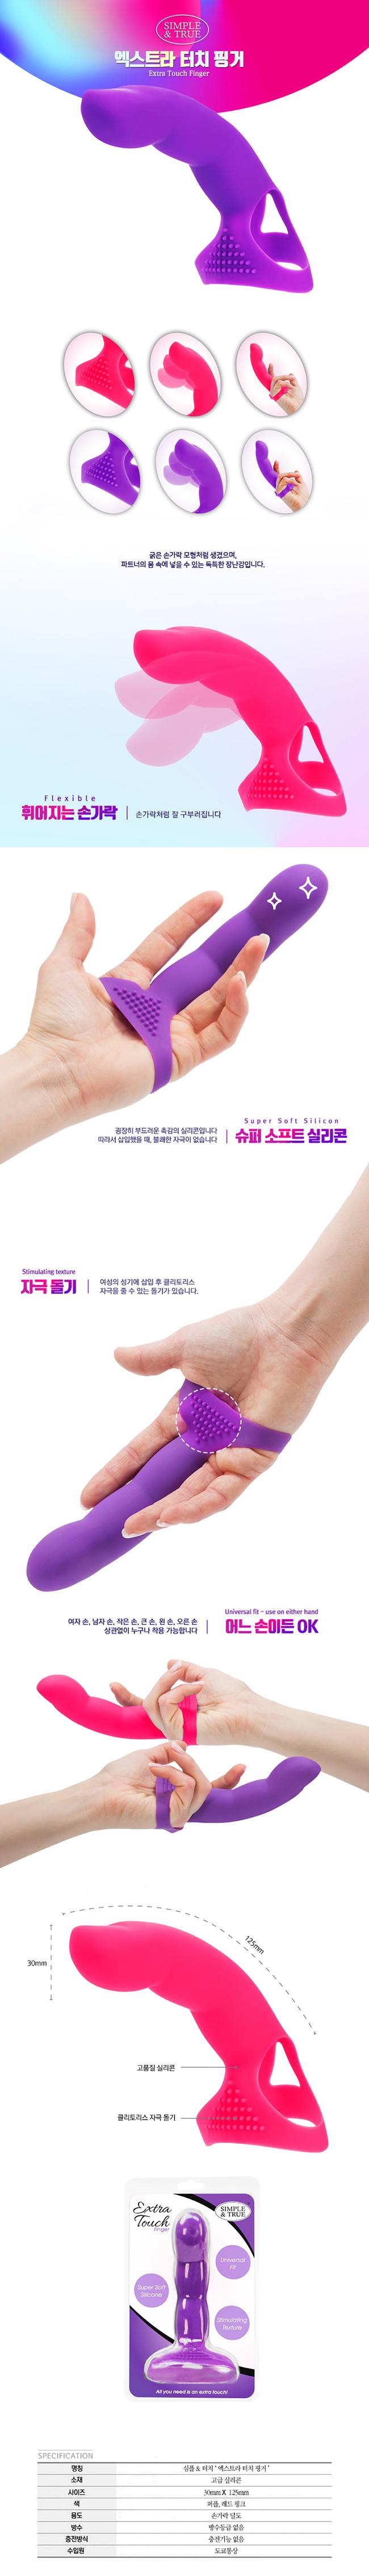 [최고급 실리콘] 엑스트라 터치 핑거(Extra Touch Finger) (DKS)